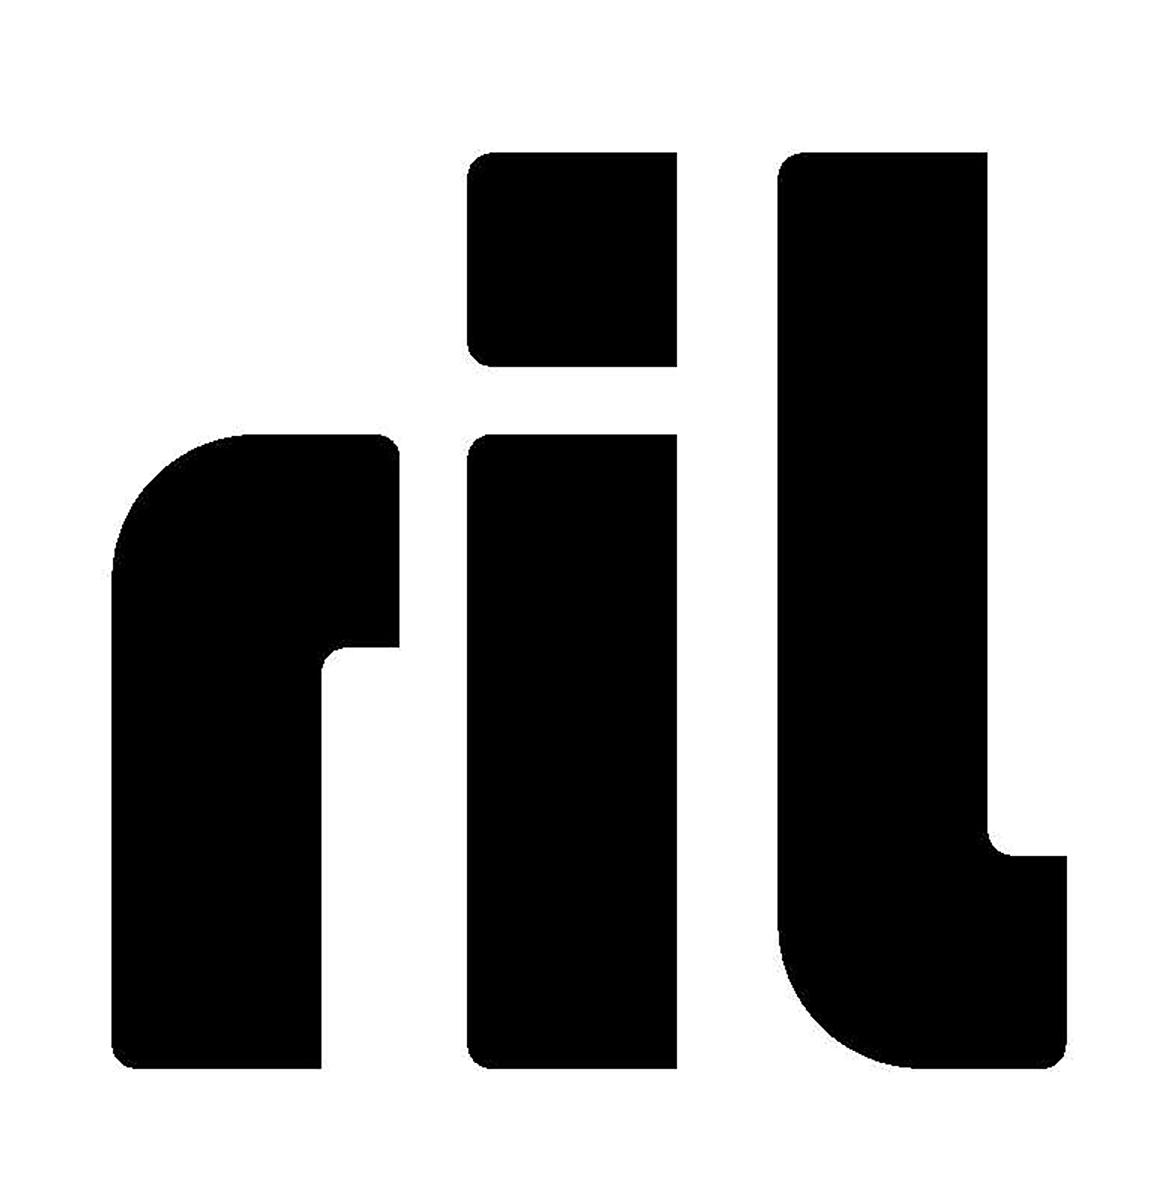 ril_logo_.jpg (168 KB)